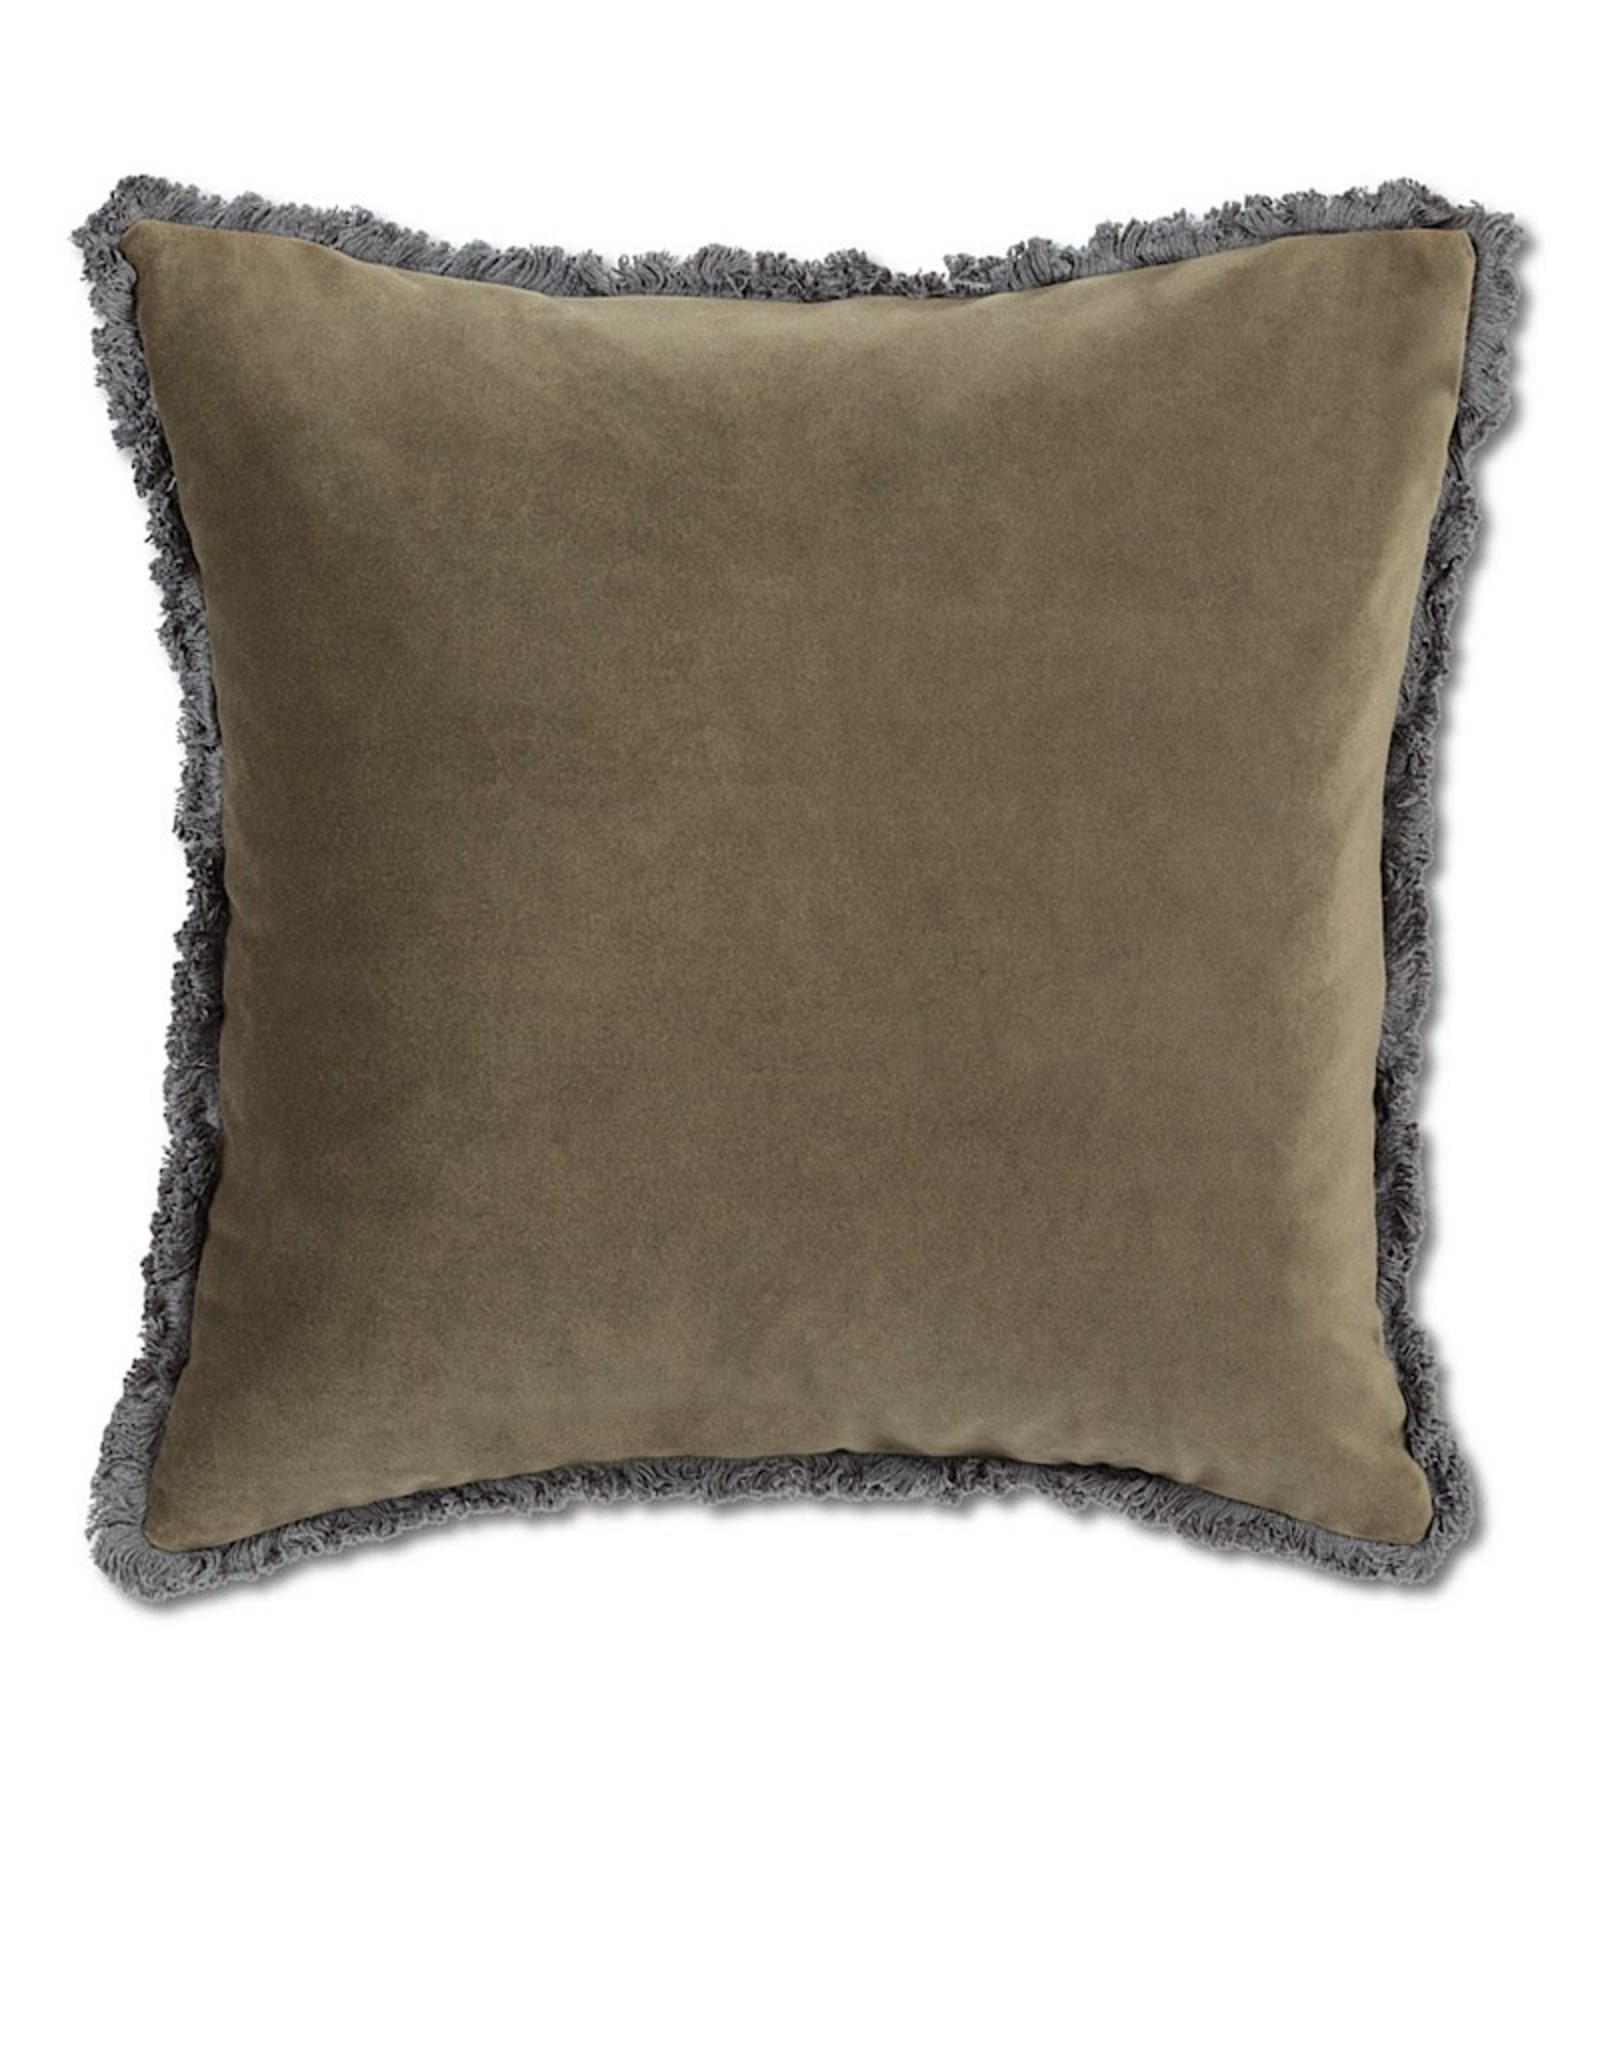 Velvet Pillow with Fringe Moss Green 18¨ square